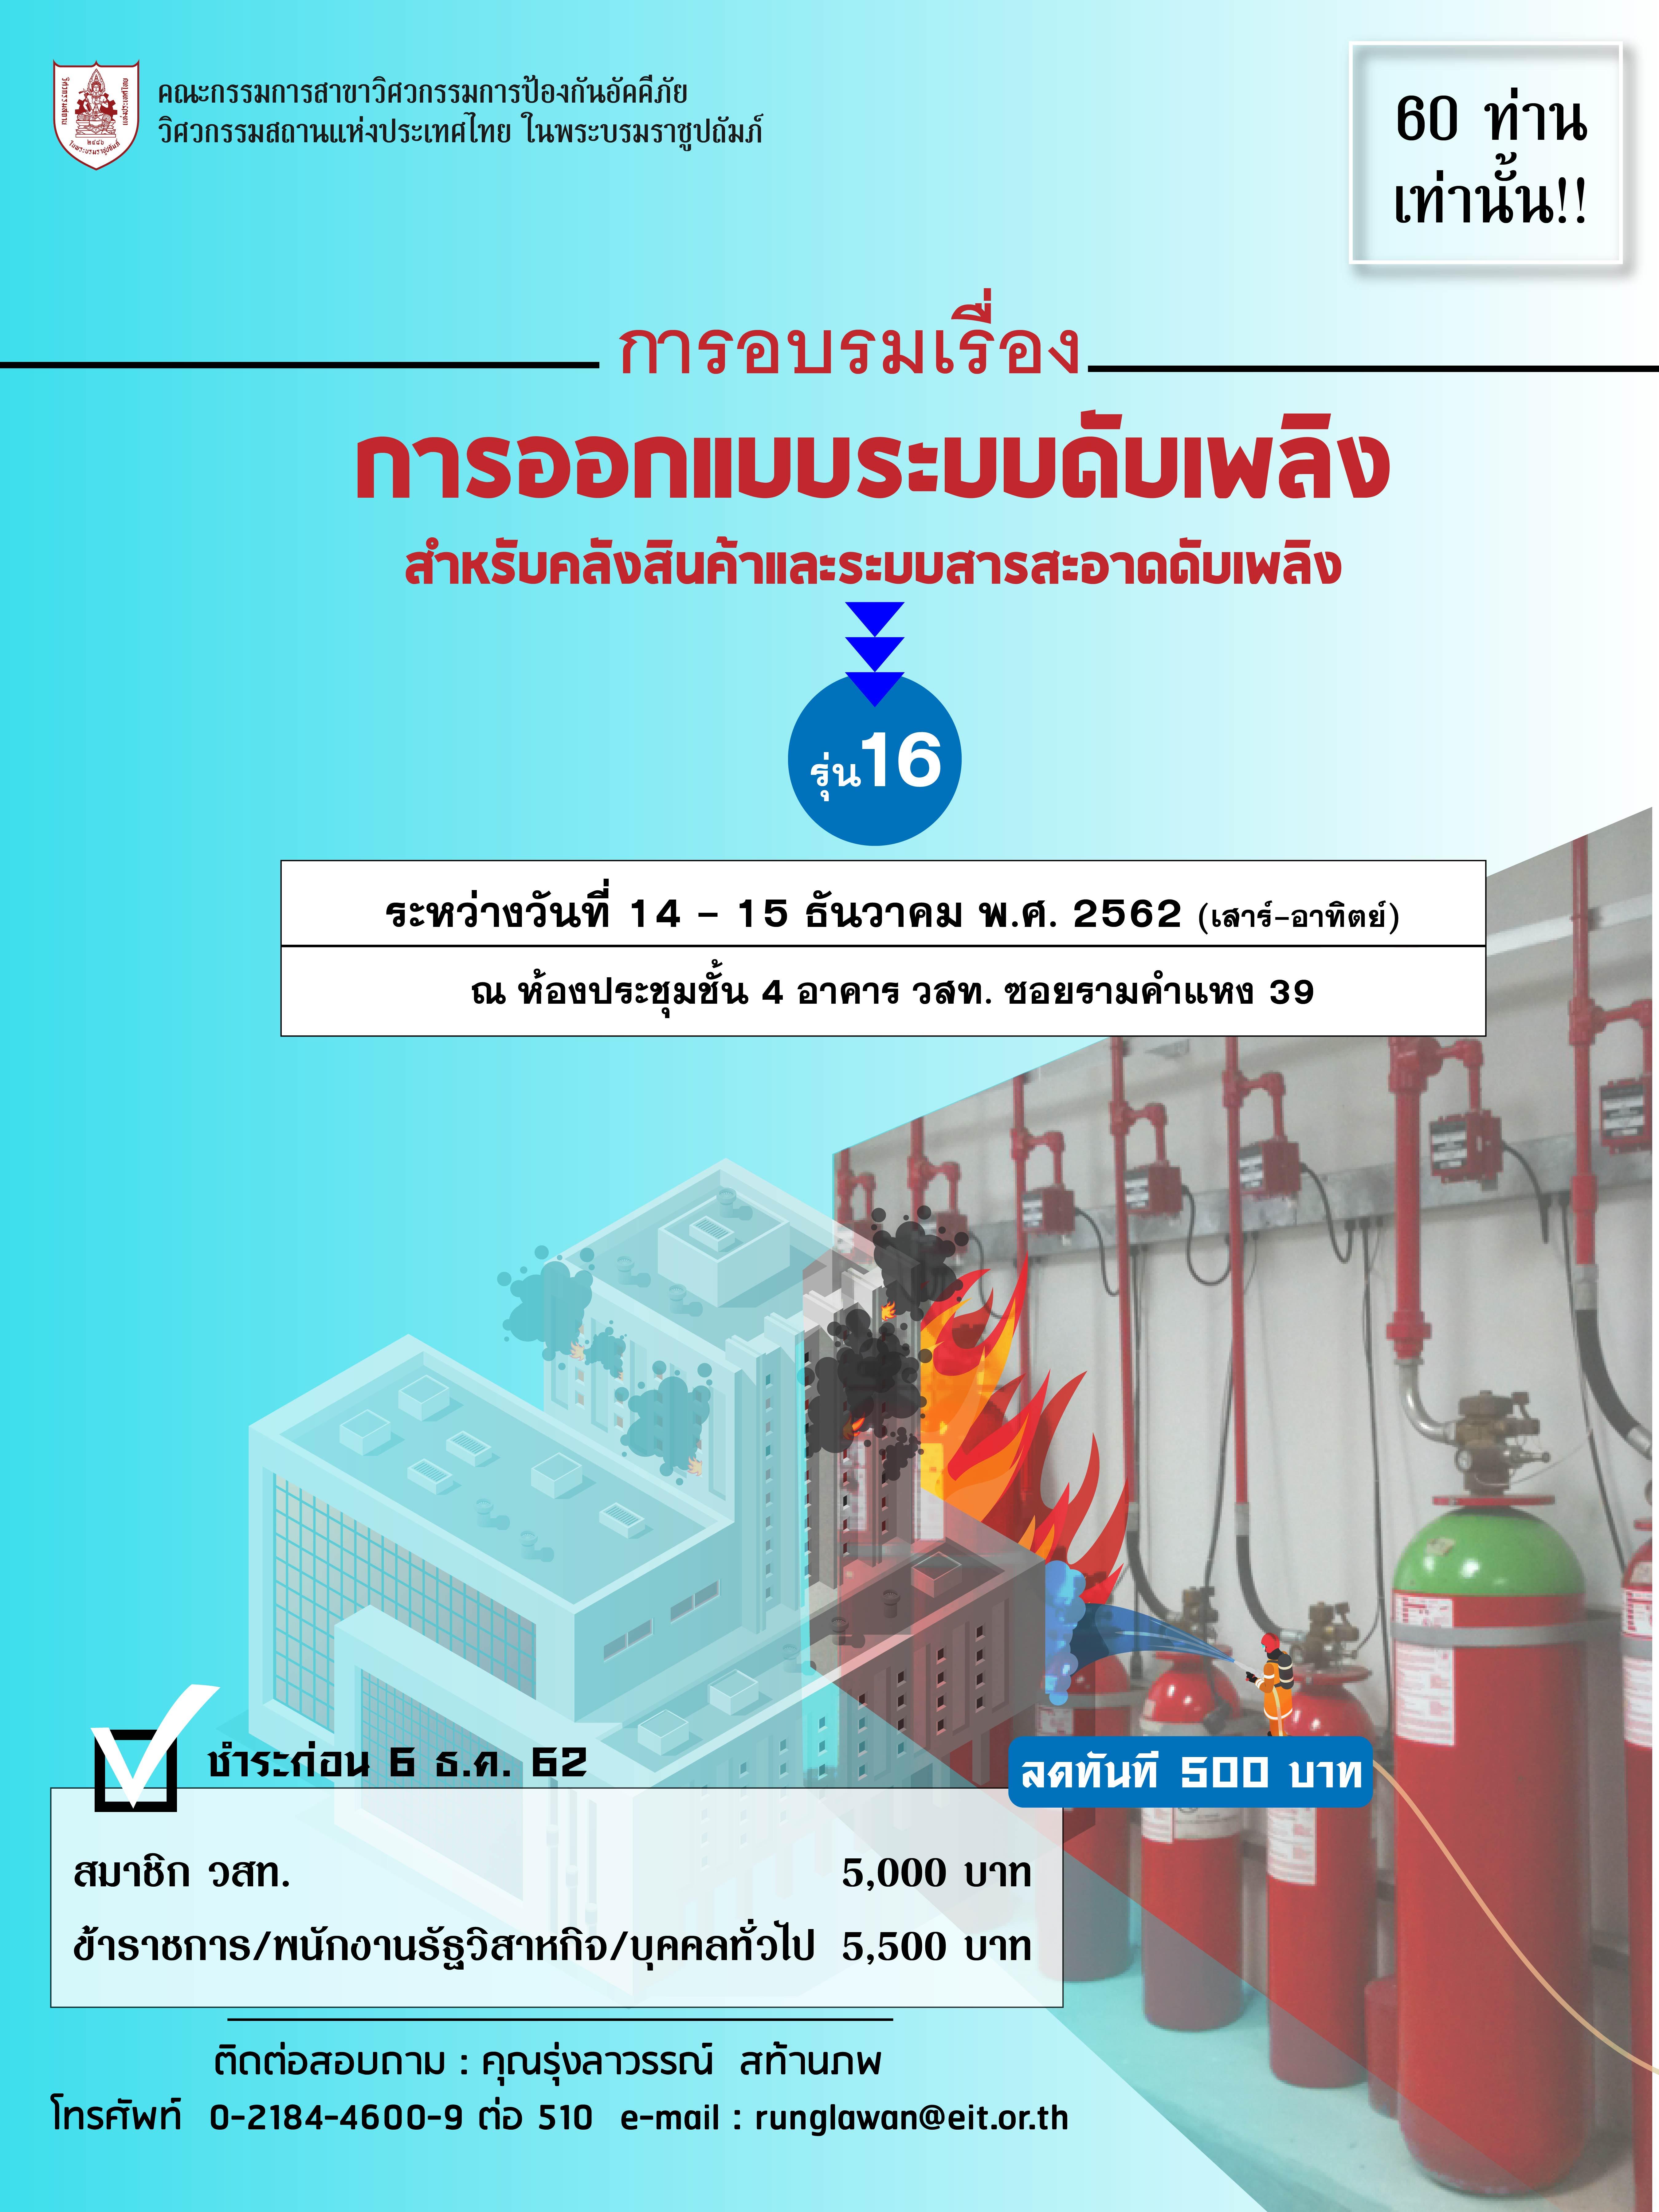 14-15/12/2562 การอบรมเชิงปฏิบัติการเรื่อง การออกแบบระบบดับเพลิงสำหรับคลังสินค้าและระบบสารสะอาดดับเพลิง รุ่นที่ 17